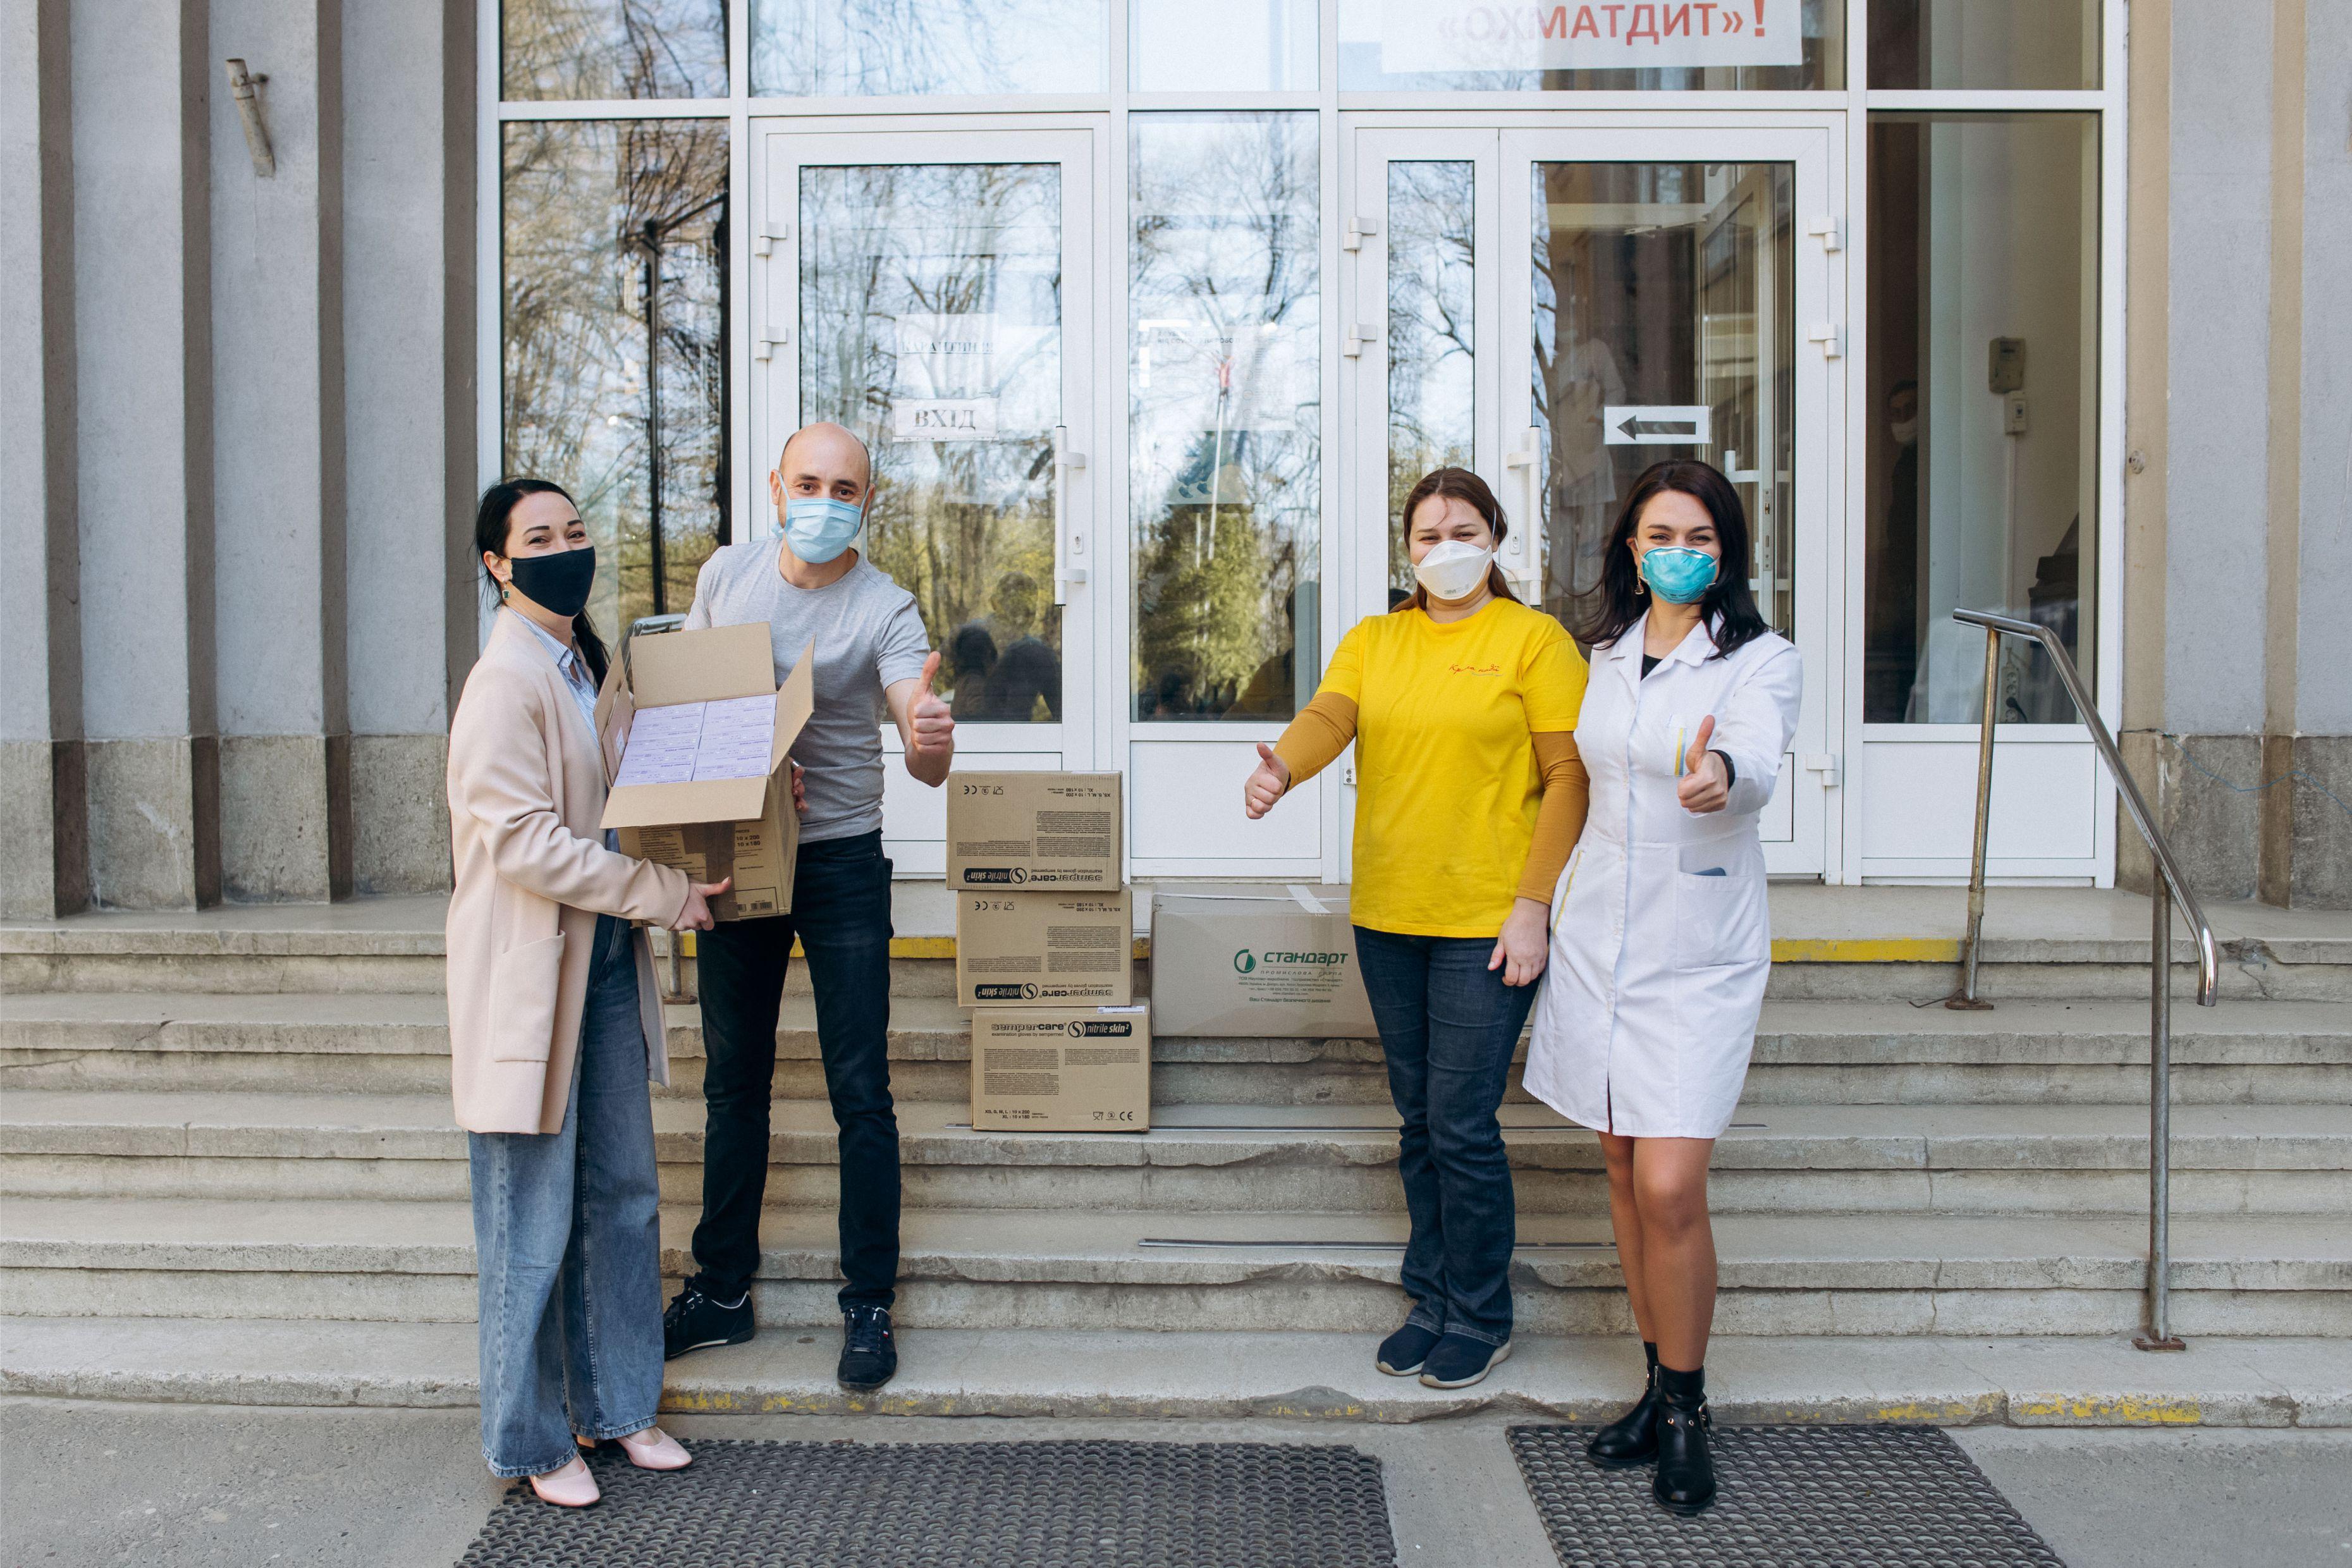 Компания ОККО продолжает помогать медикам в борьбе с коронавирусом 1